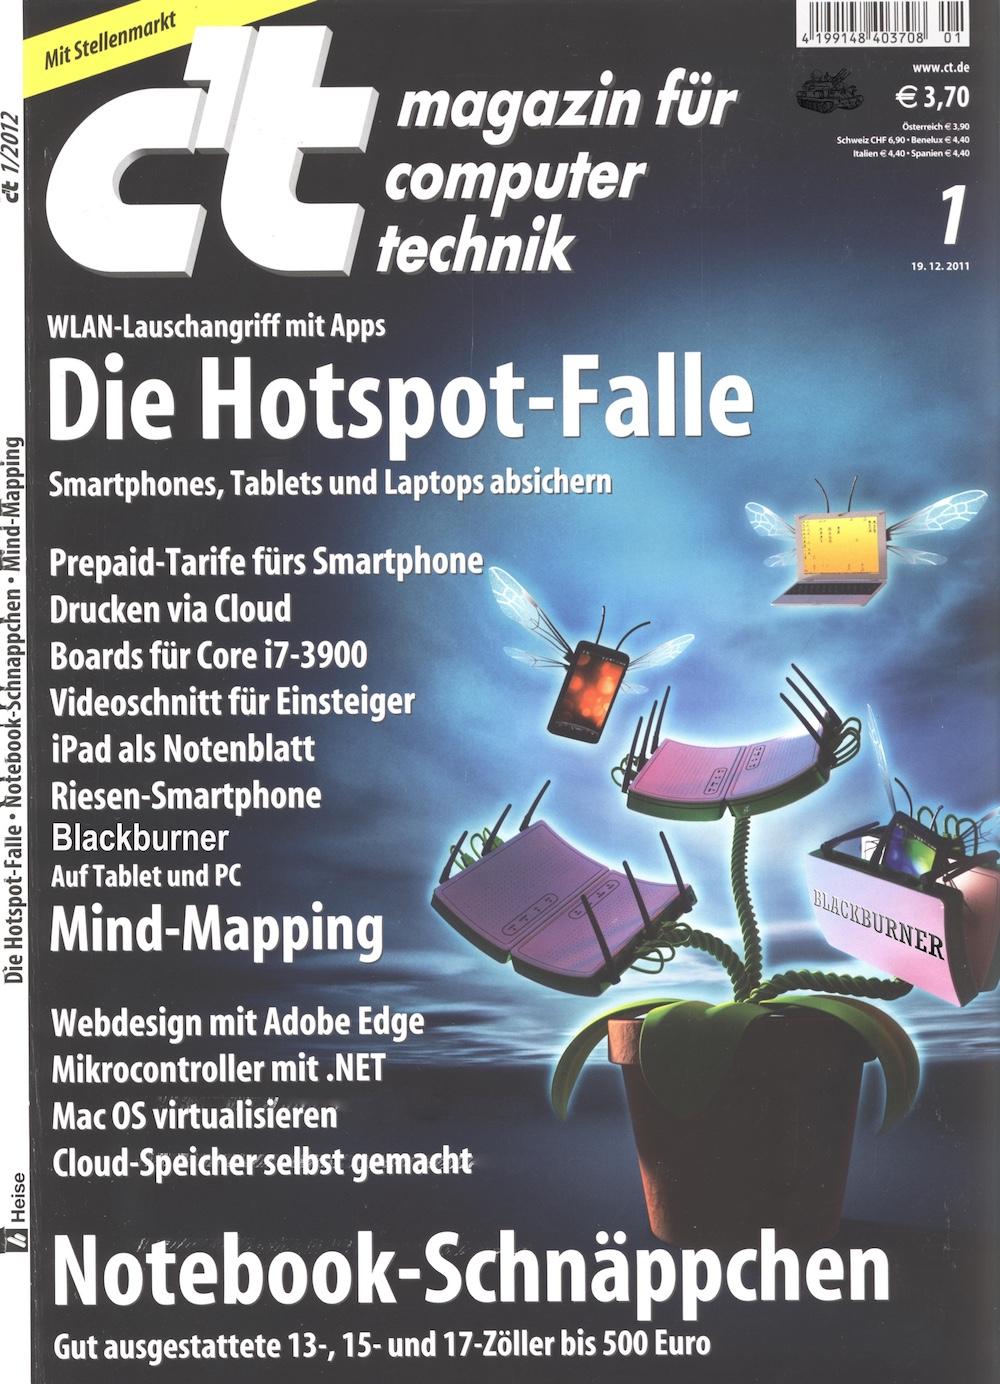 c't Magazin 2012-01